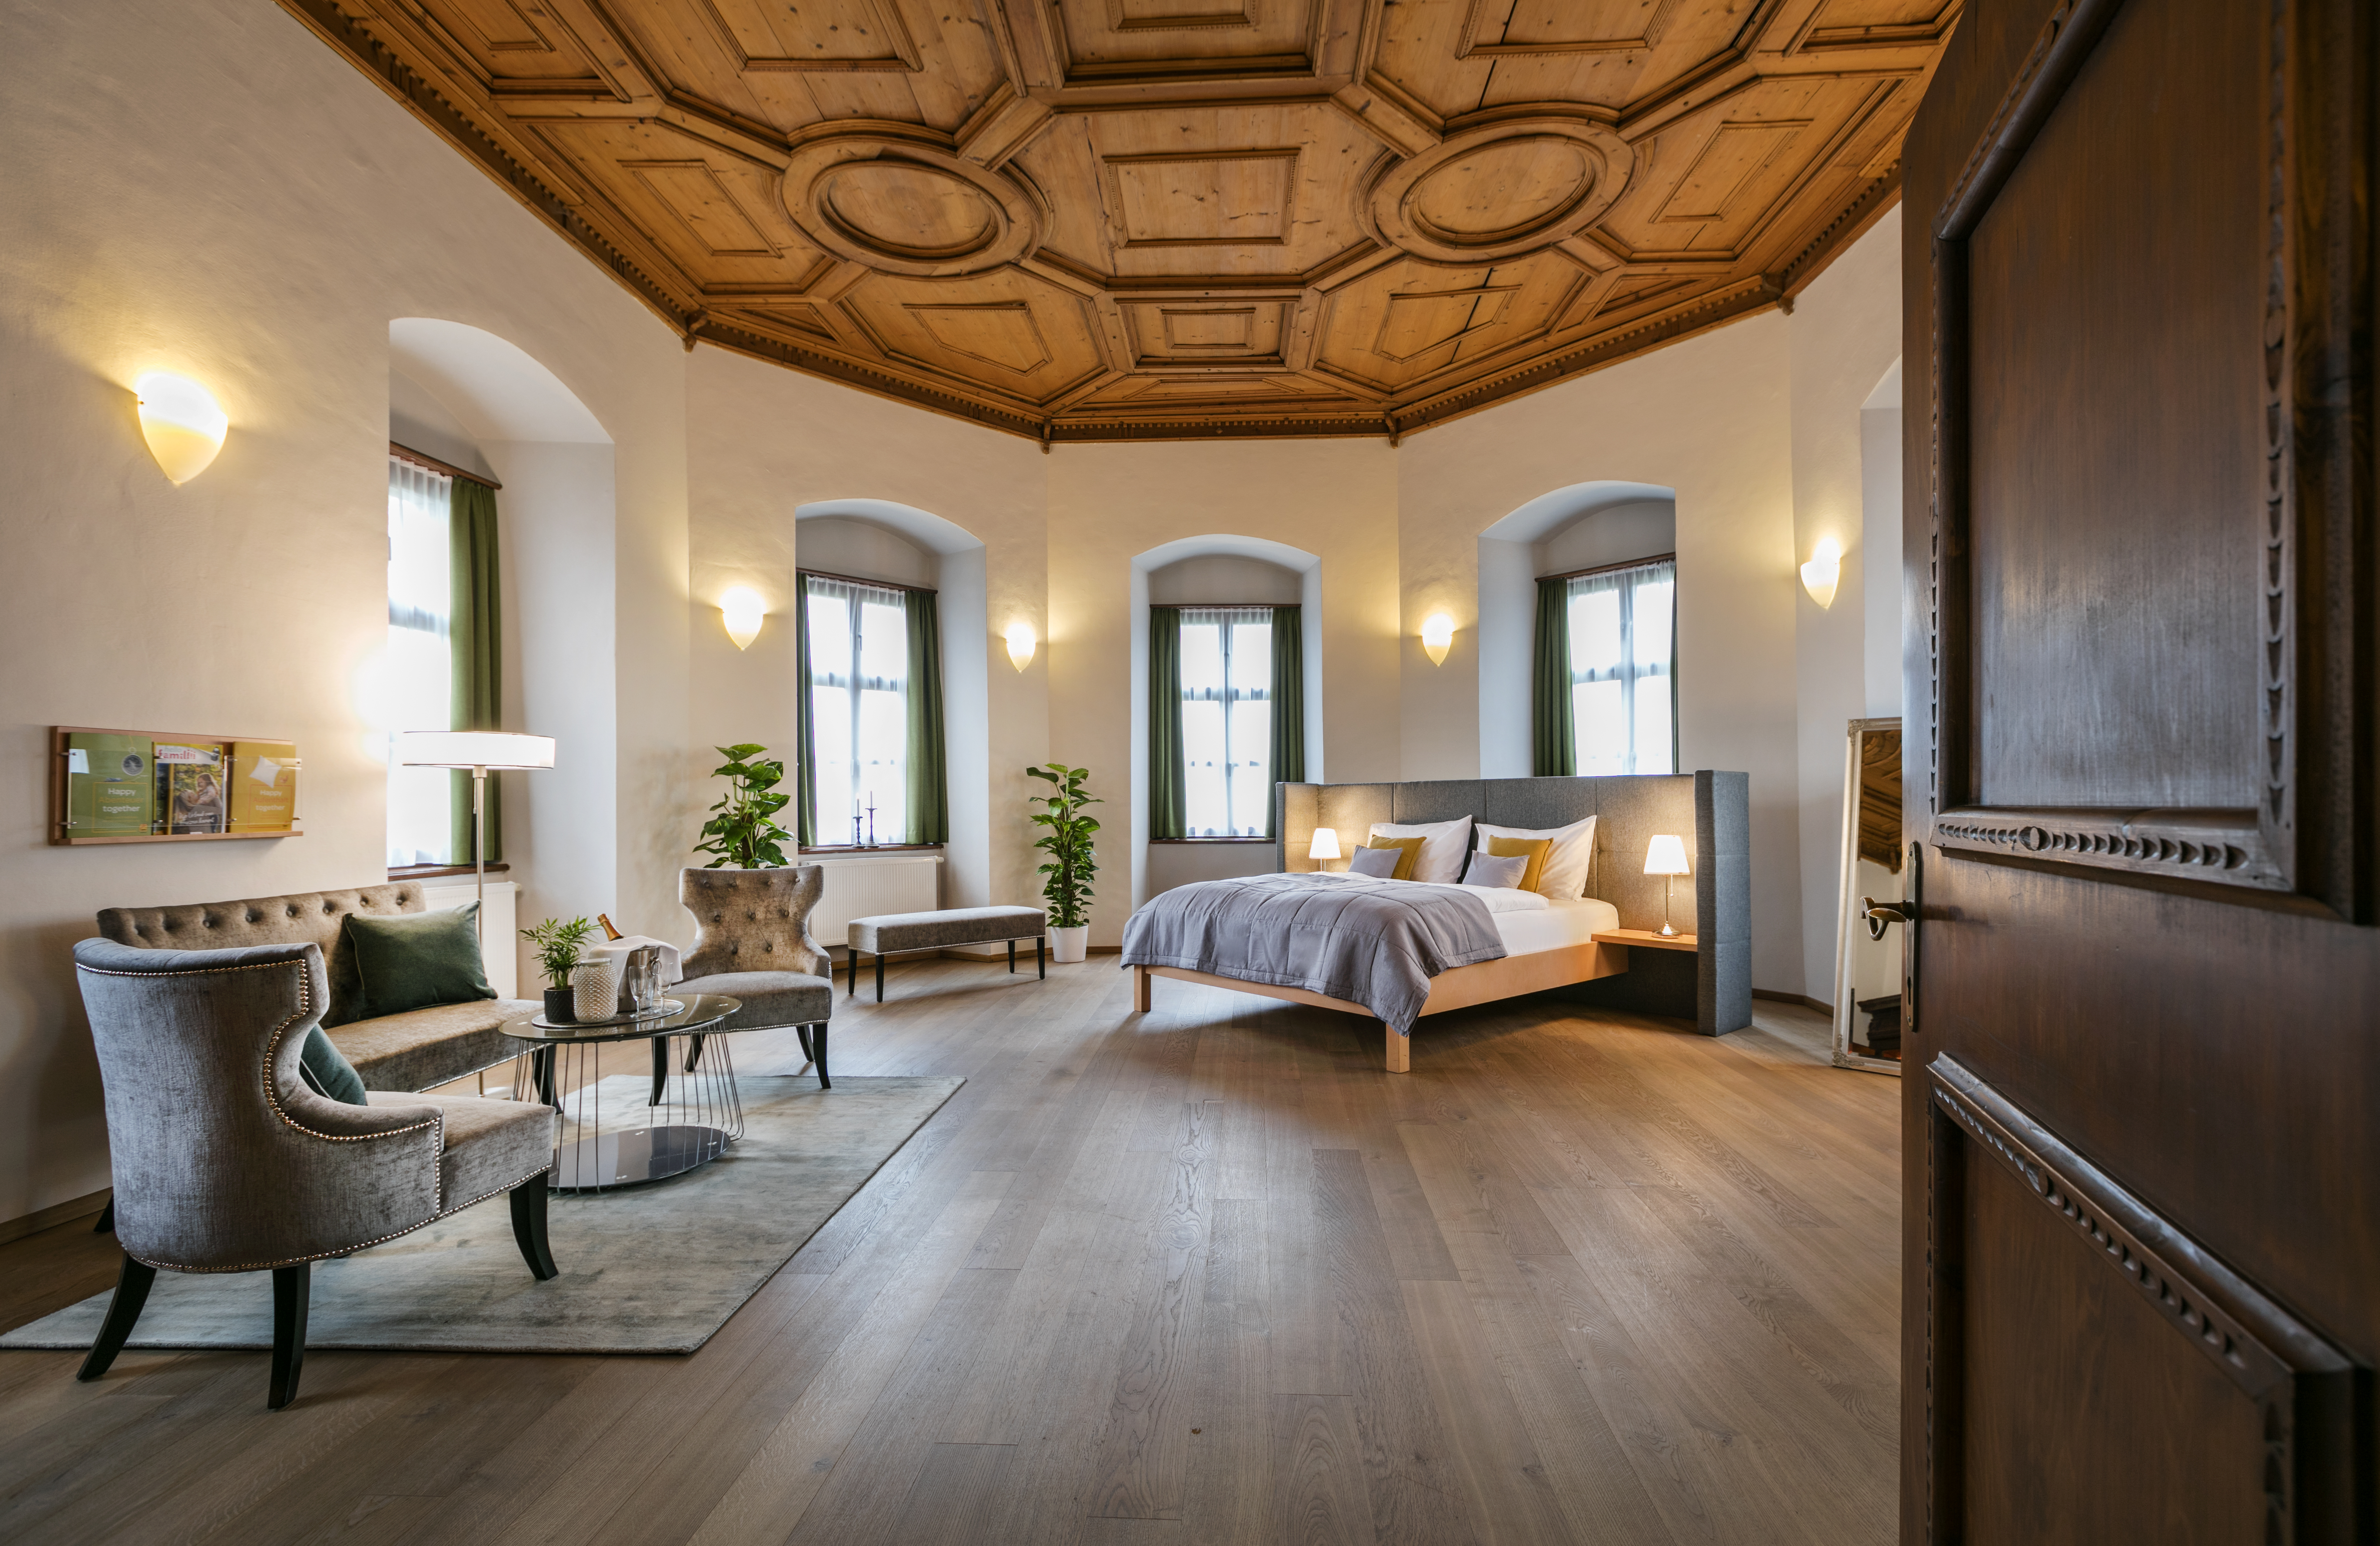 Doppelzimmer superior als Hochzeitszimmer im JUFA Hotel Schloss Röthelstein/Admont***. Der Ort für märchenhafte Hochzeiten und erfolgreiche und kreative Seminare.